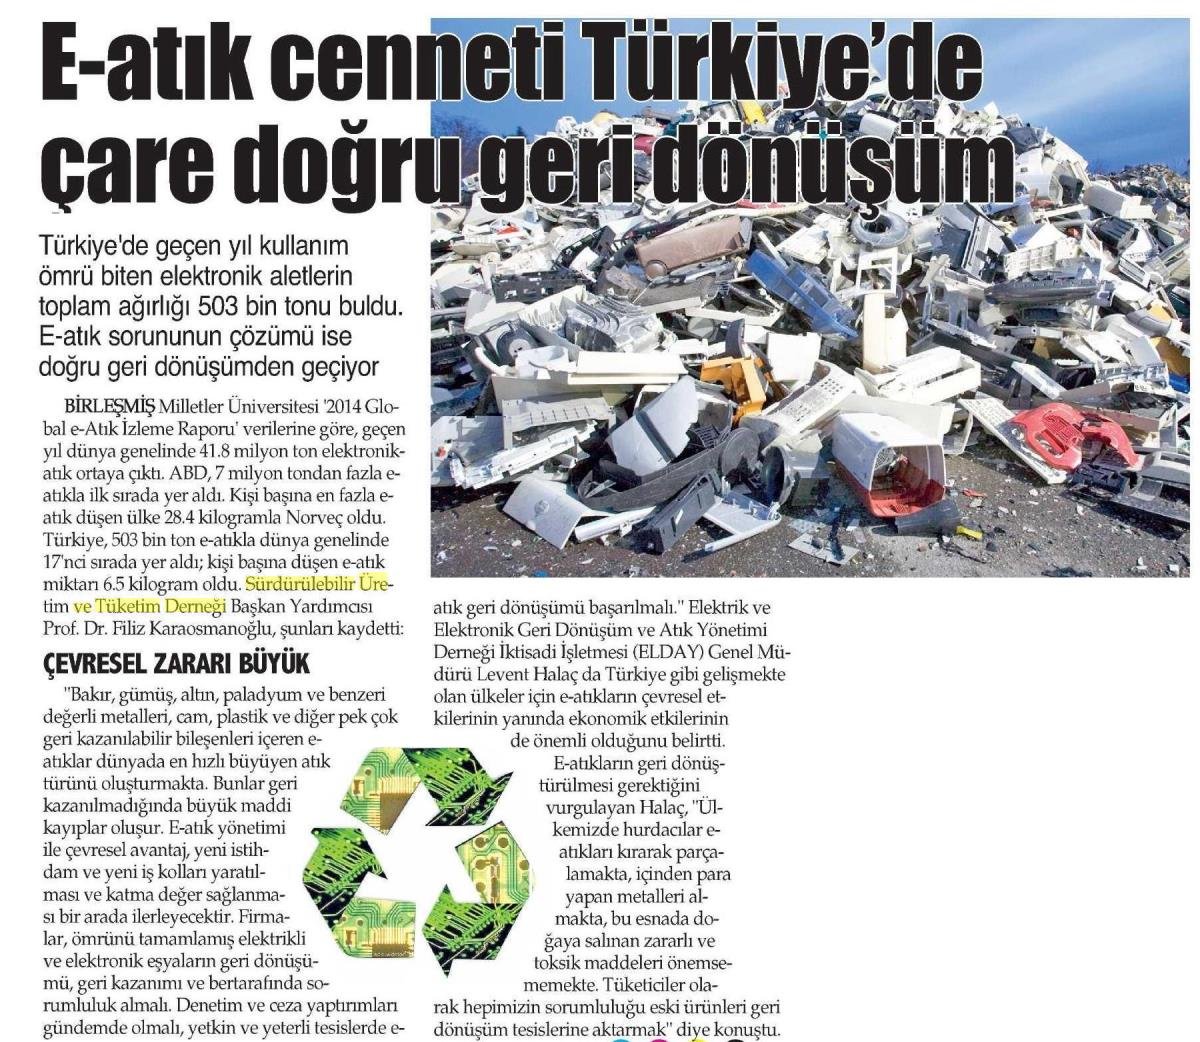 İzmir 9 Eylul 21.04.2015